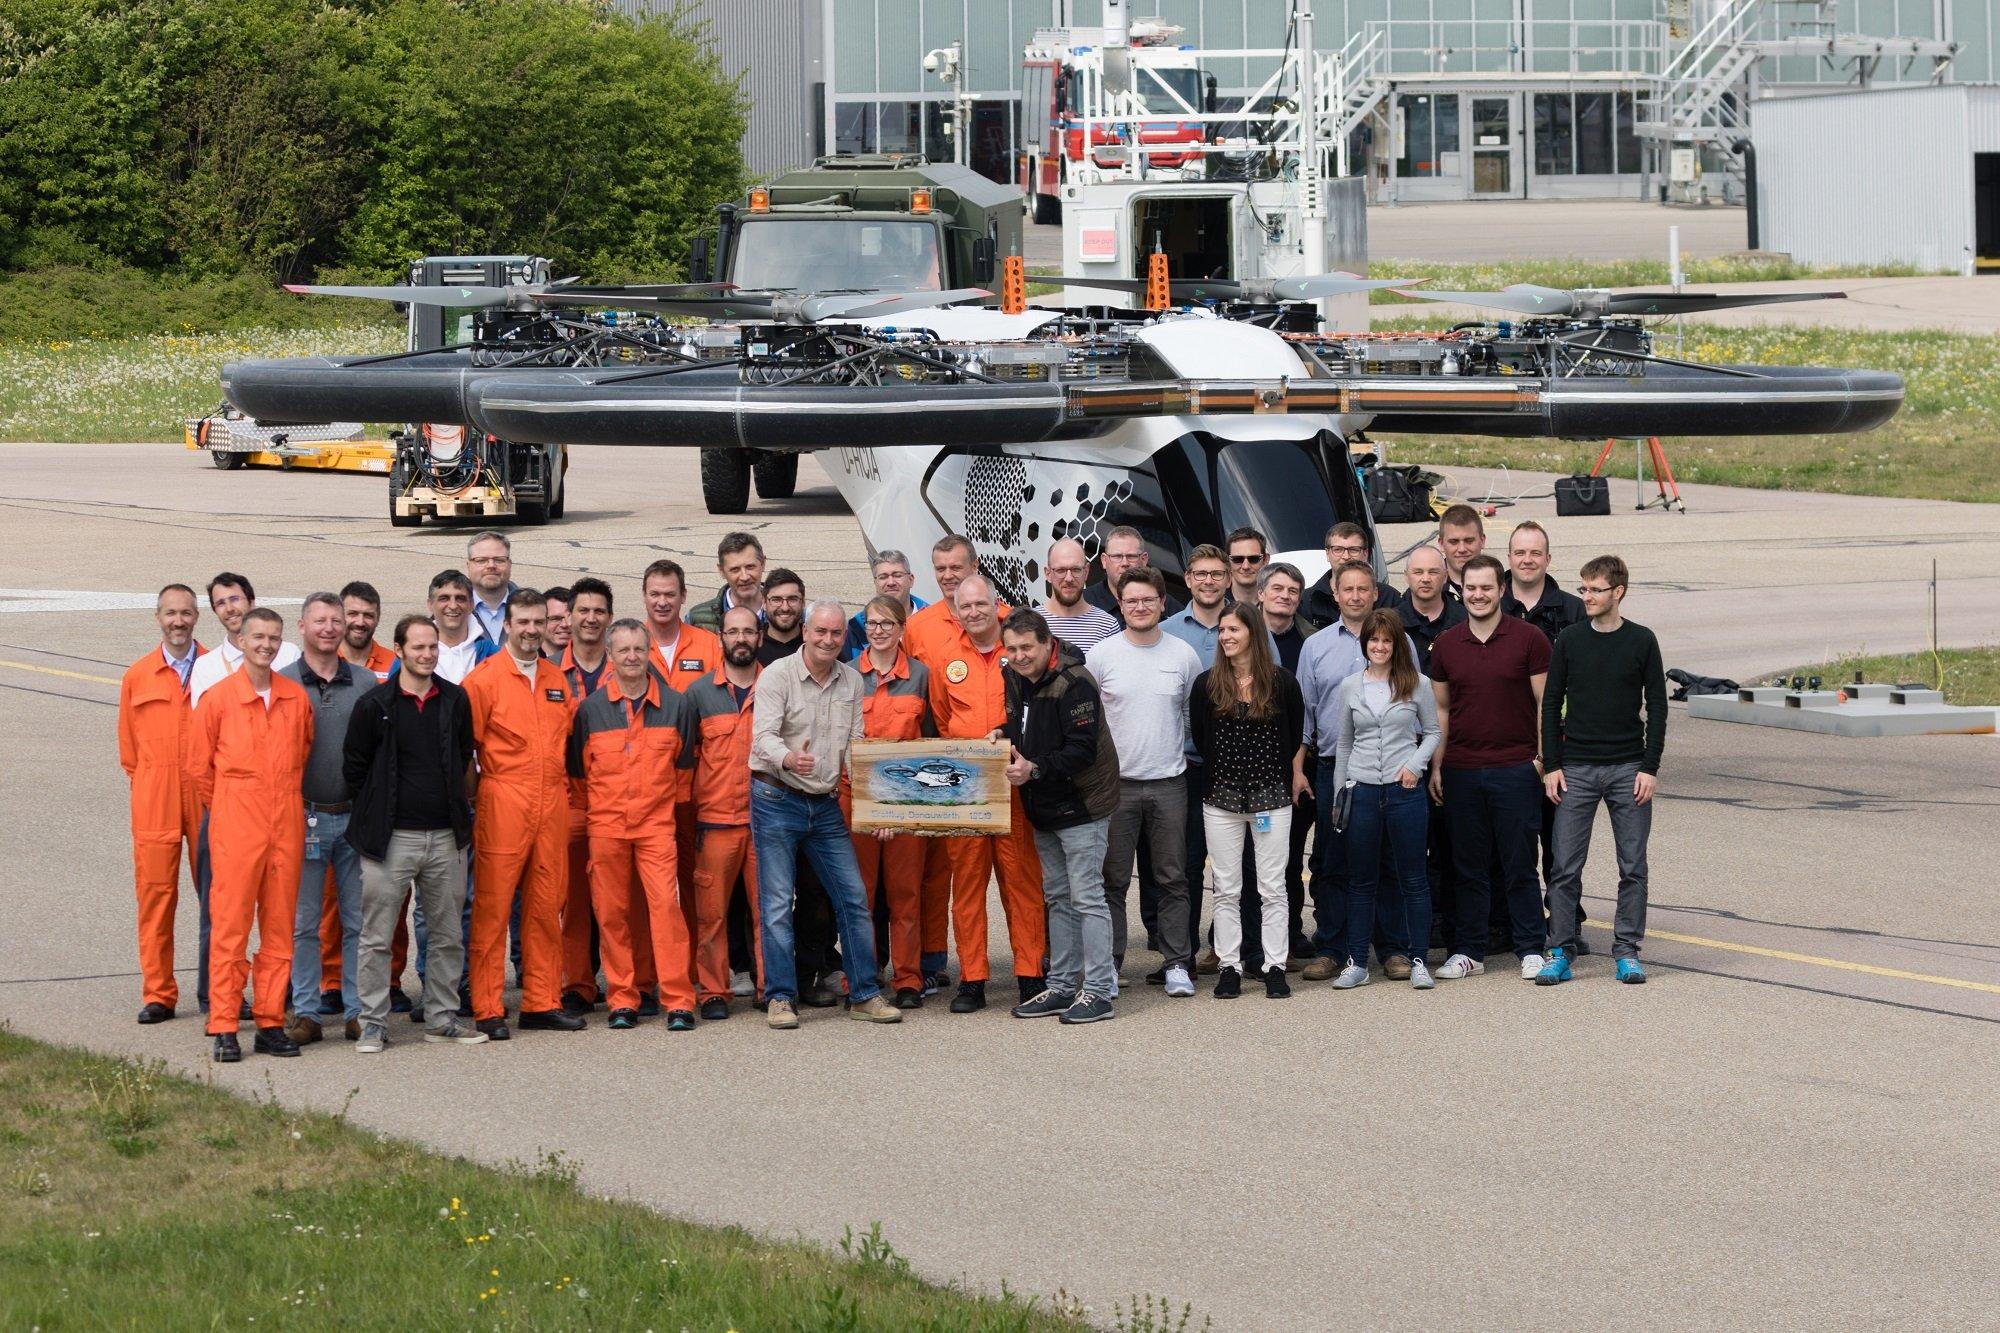 德國首飛測試成功! 空巴 CityAirbus 原型機邁向新里程碑